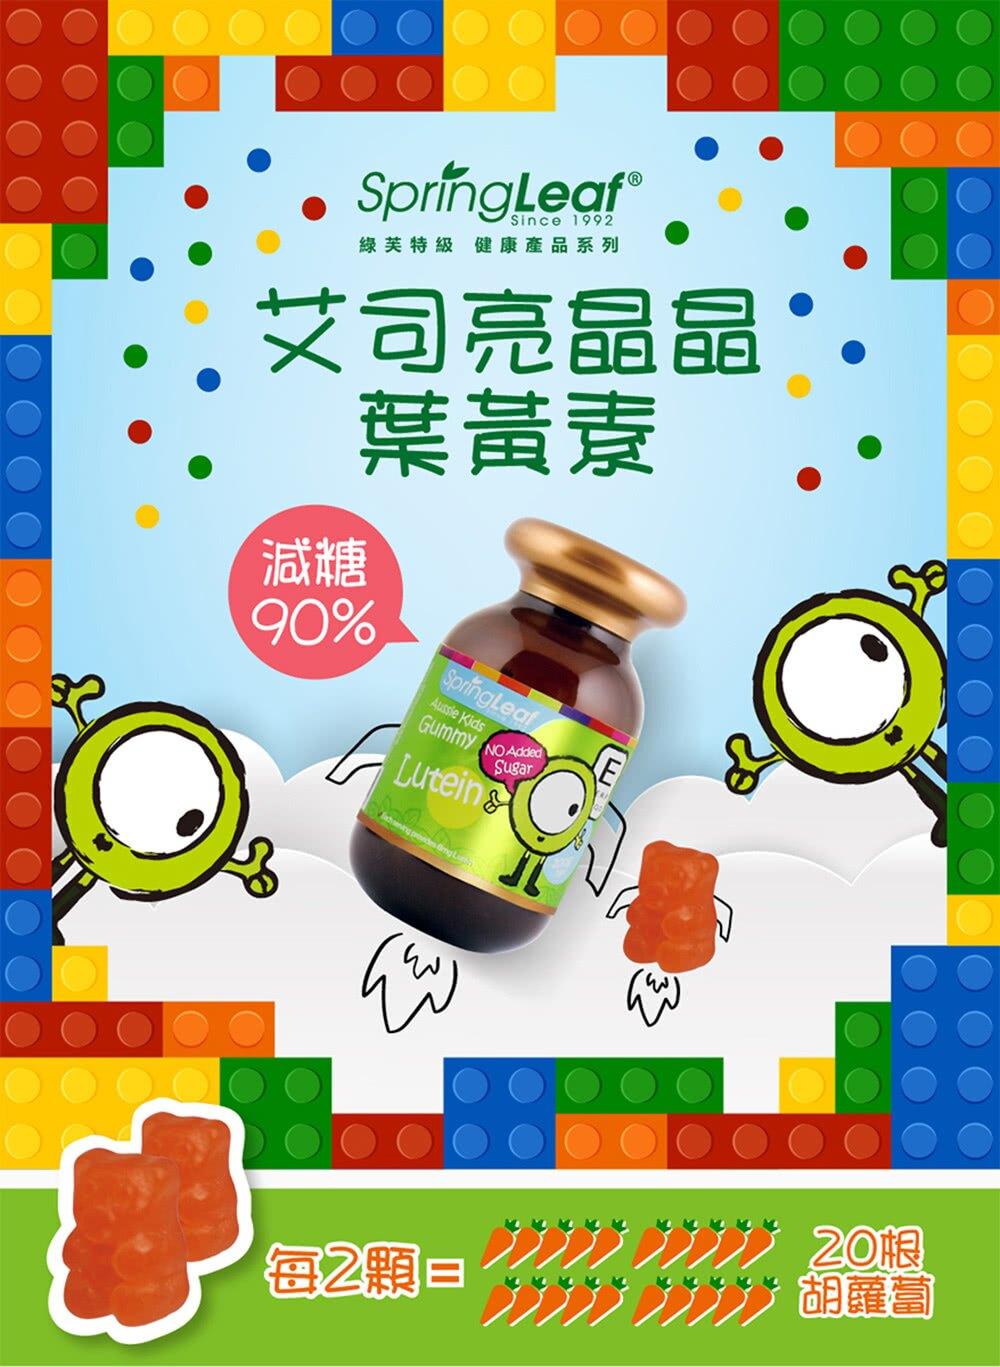 綠芙特級 艾司亮晶晶軟糖 80顆 光點藥局 2013645